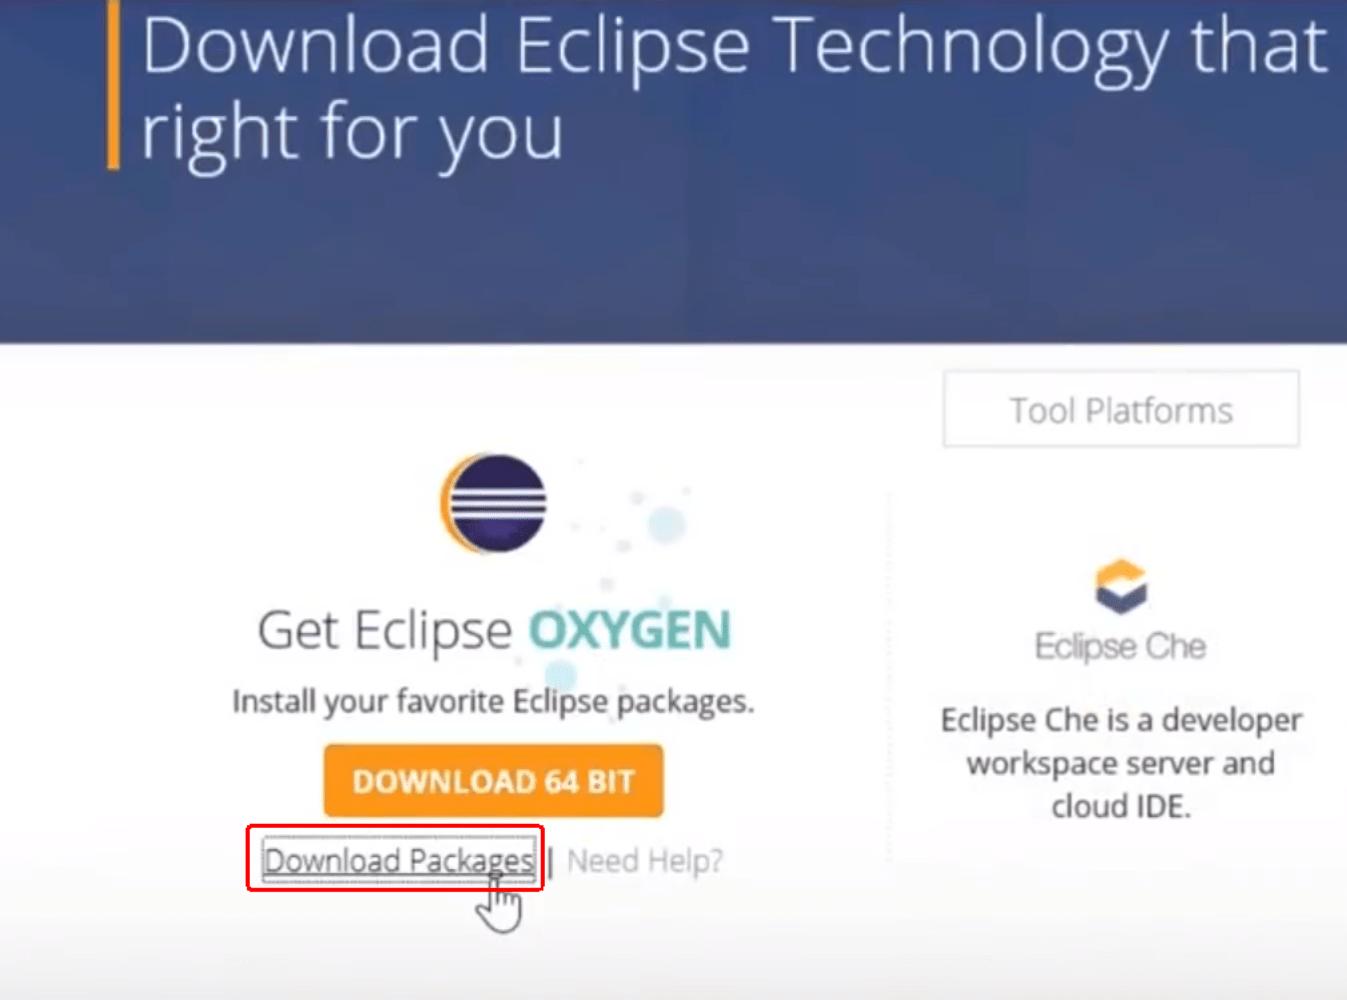 Eclipse Oxygen Download